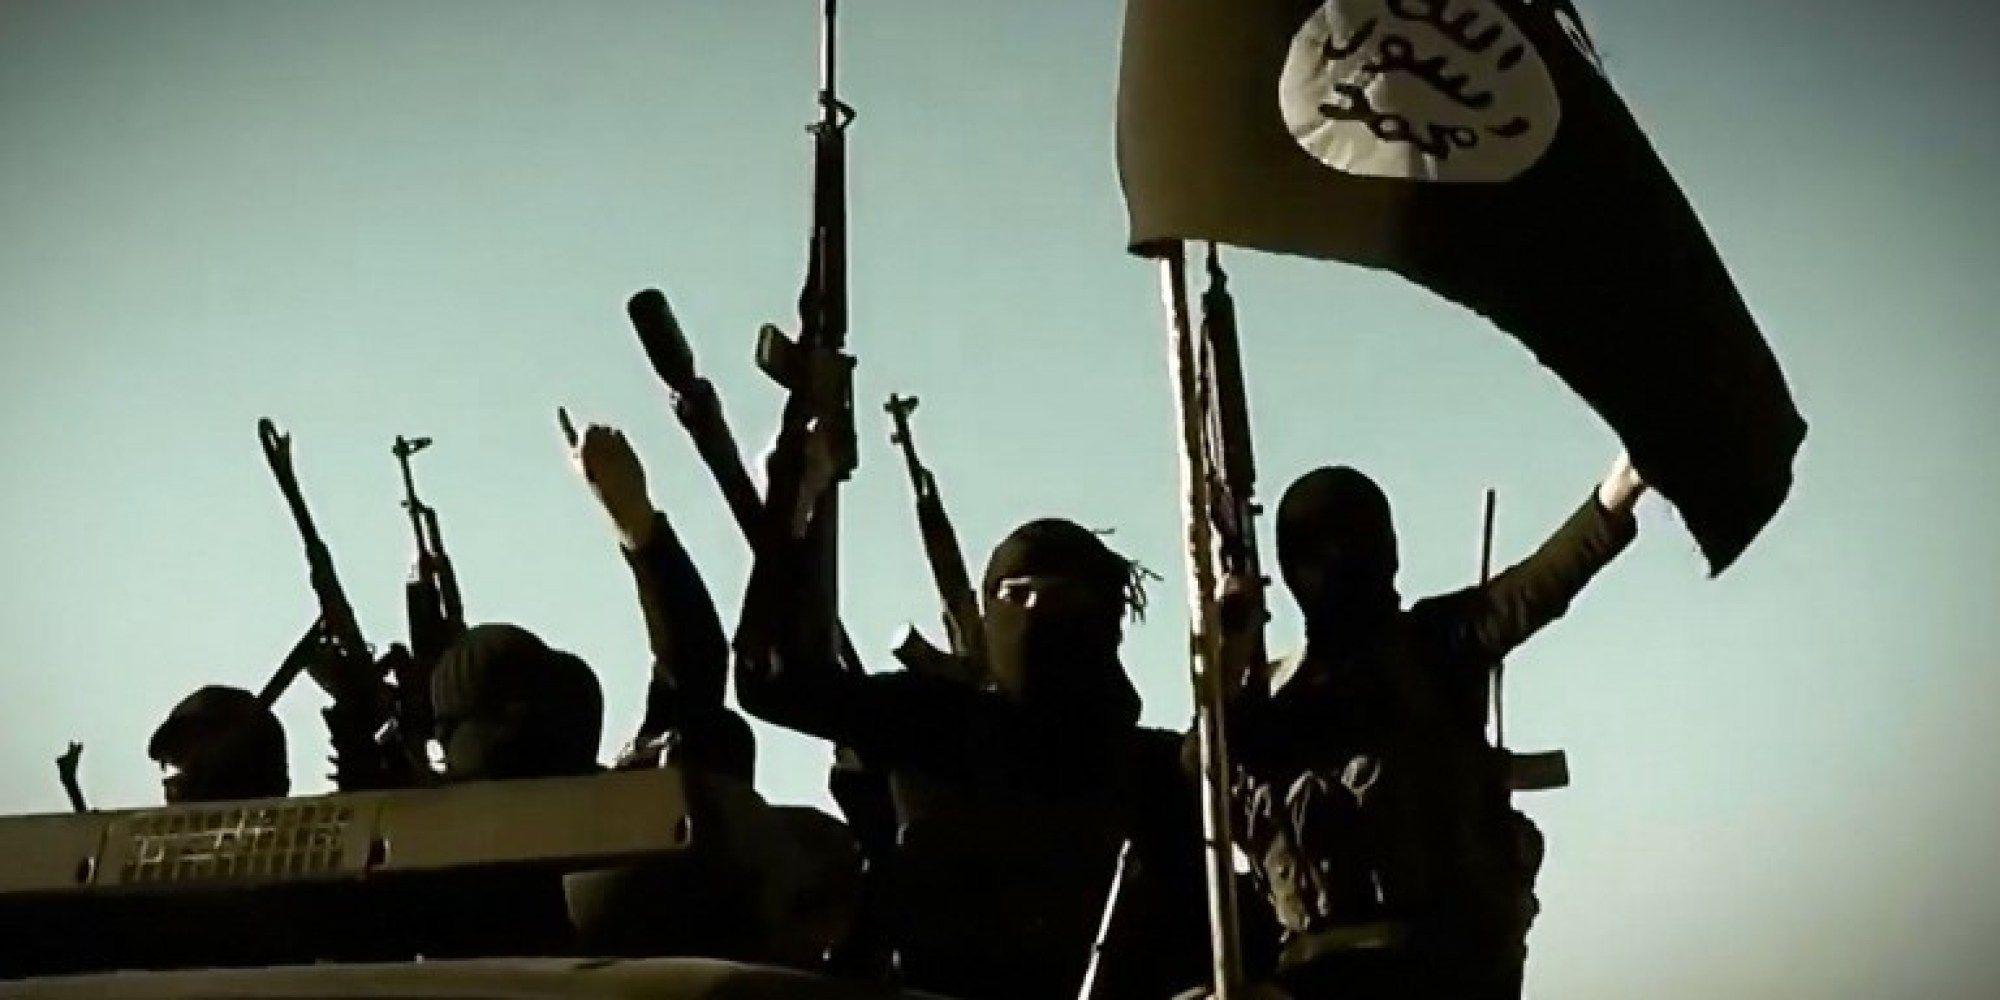 Isis: concorso di recitazione del Corano con in palio una schiava 'infedele'